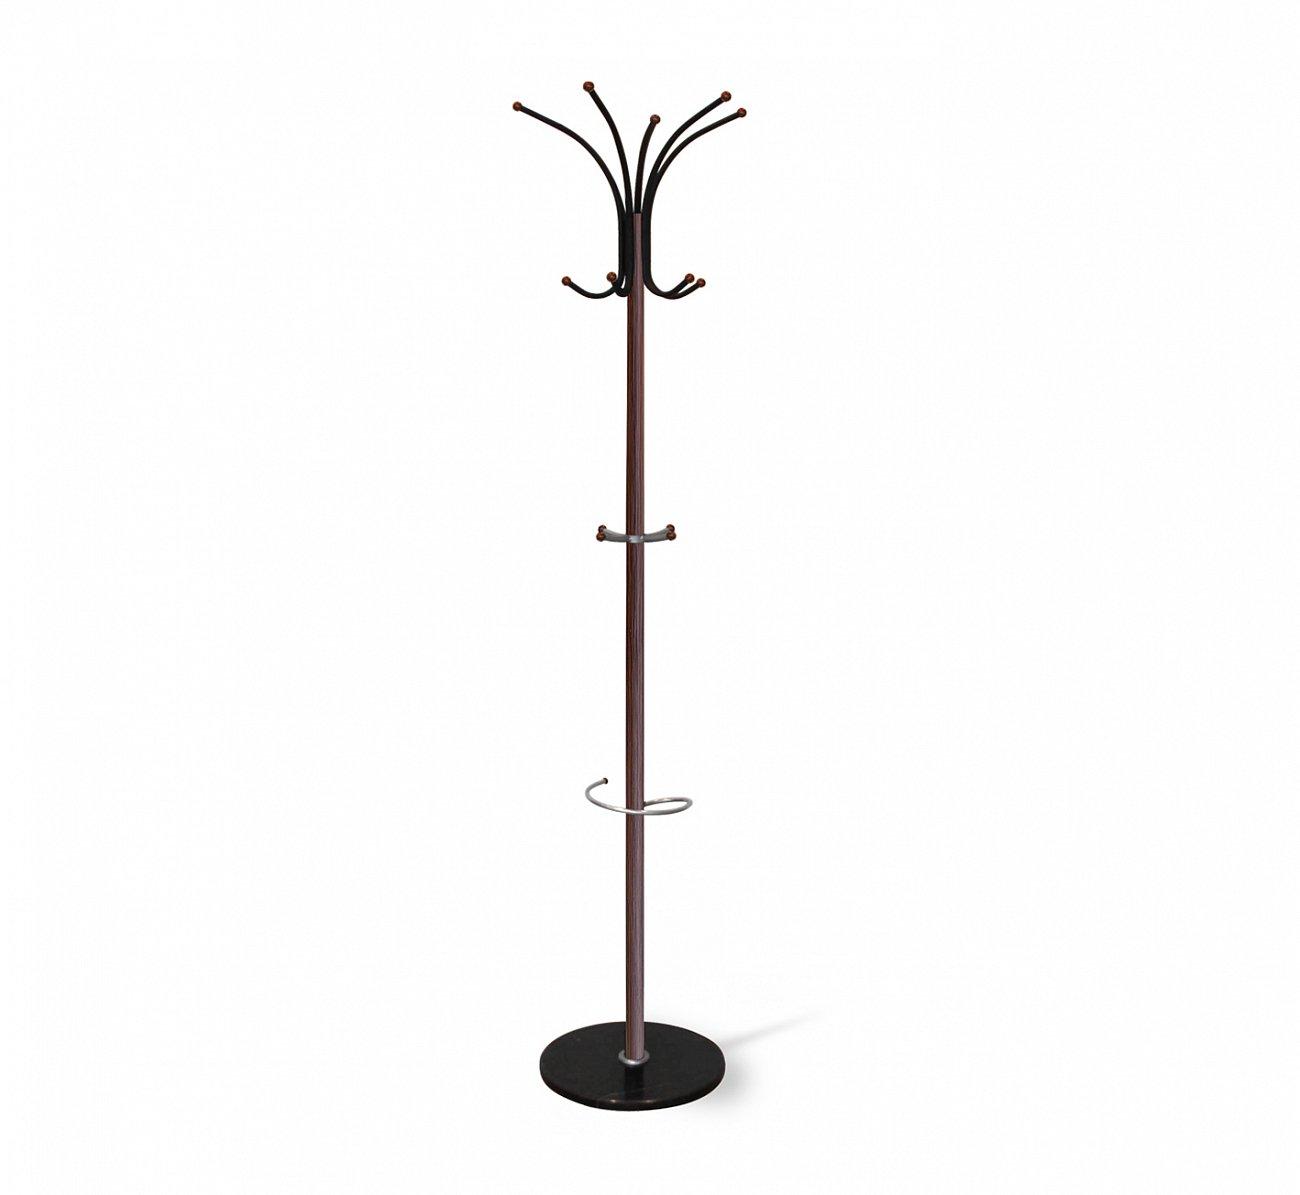 Купить Вешалка напольная 655 в интернет магазине дизайнерской мебели и аксессуаров для дома и дачи